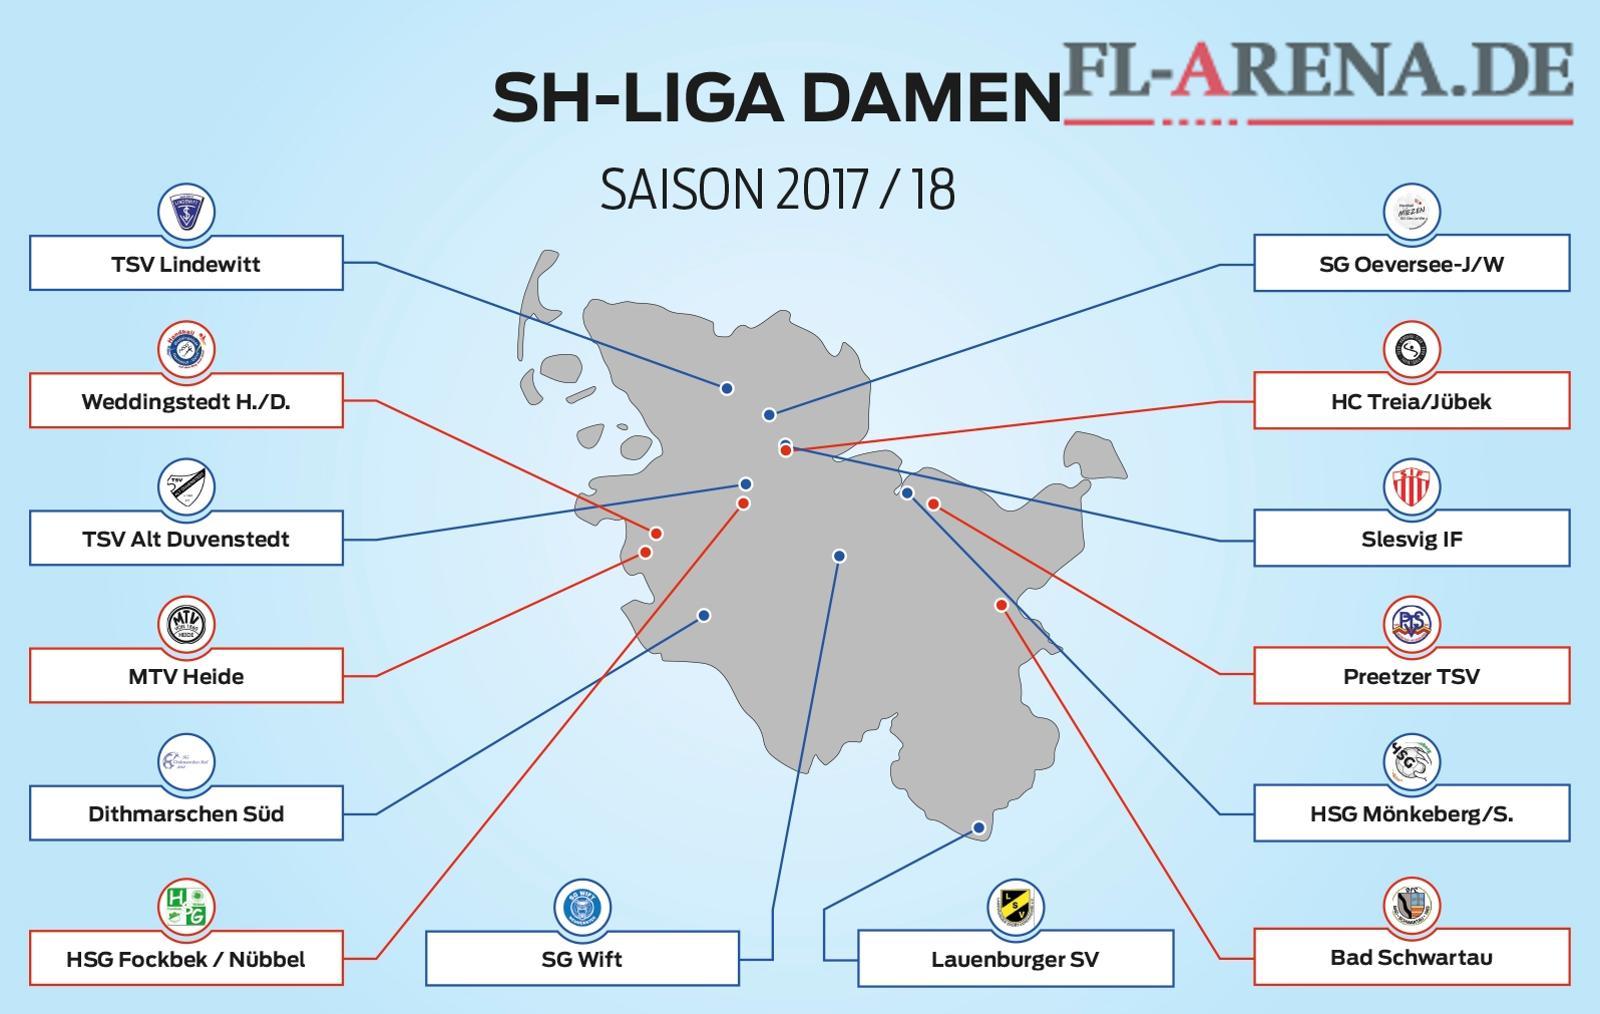 SG Oeversee/J-W - Damen - Schleswig-Holstein Liga - FL-ARENA